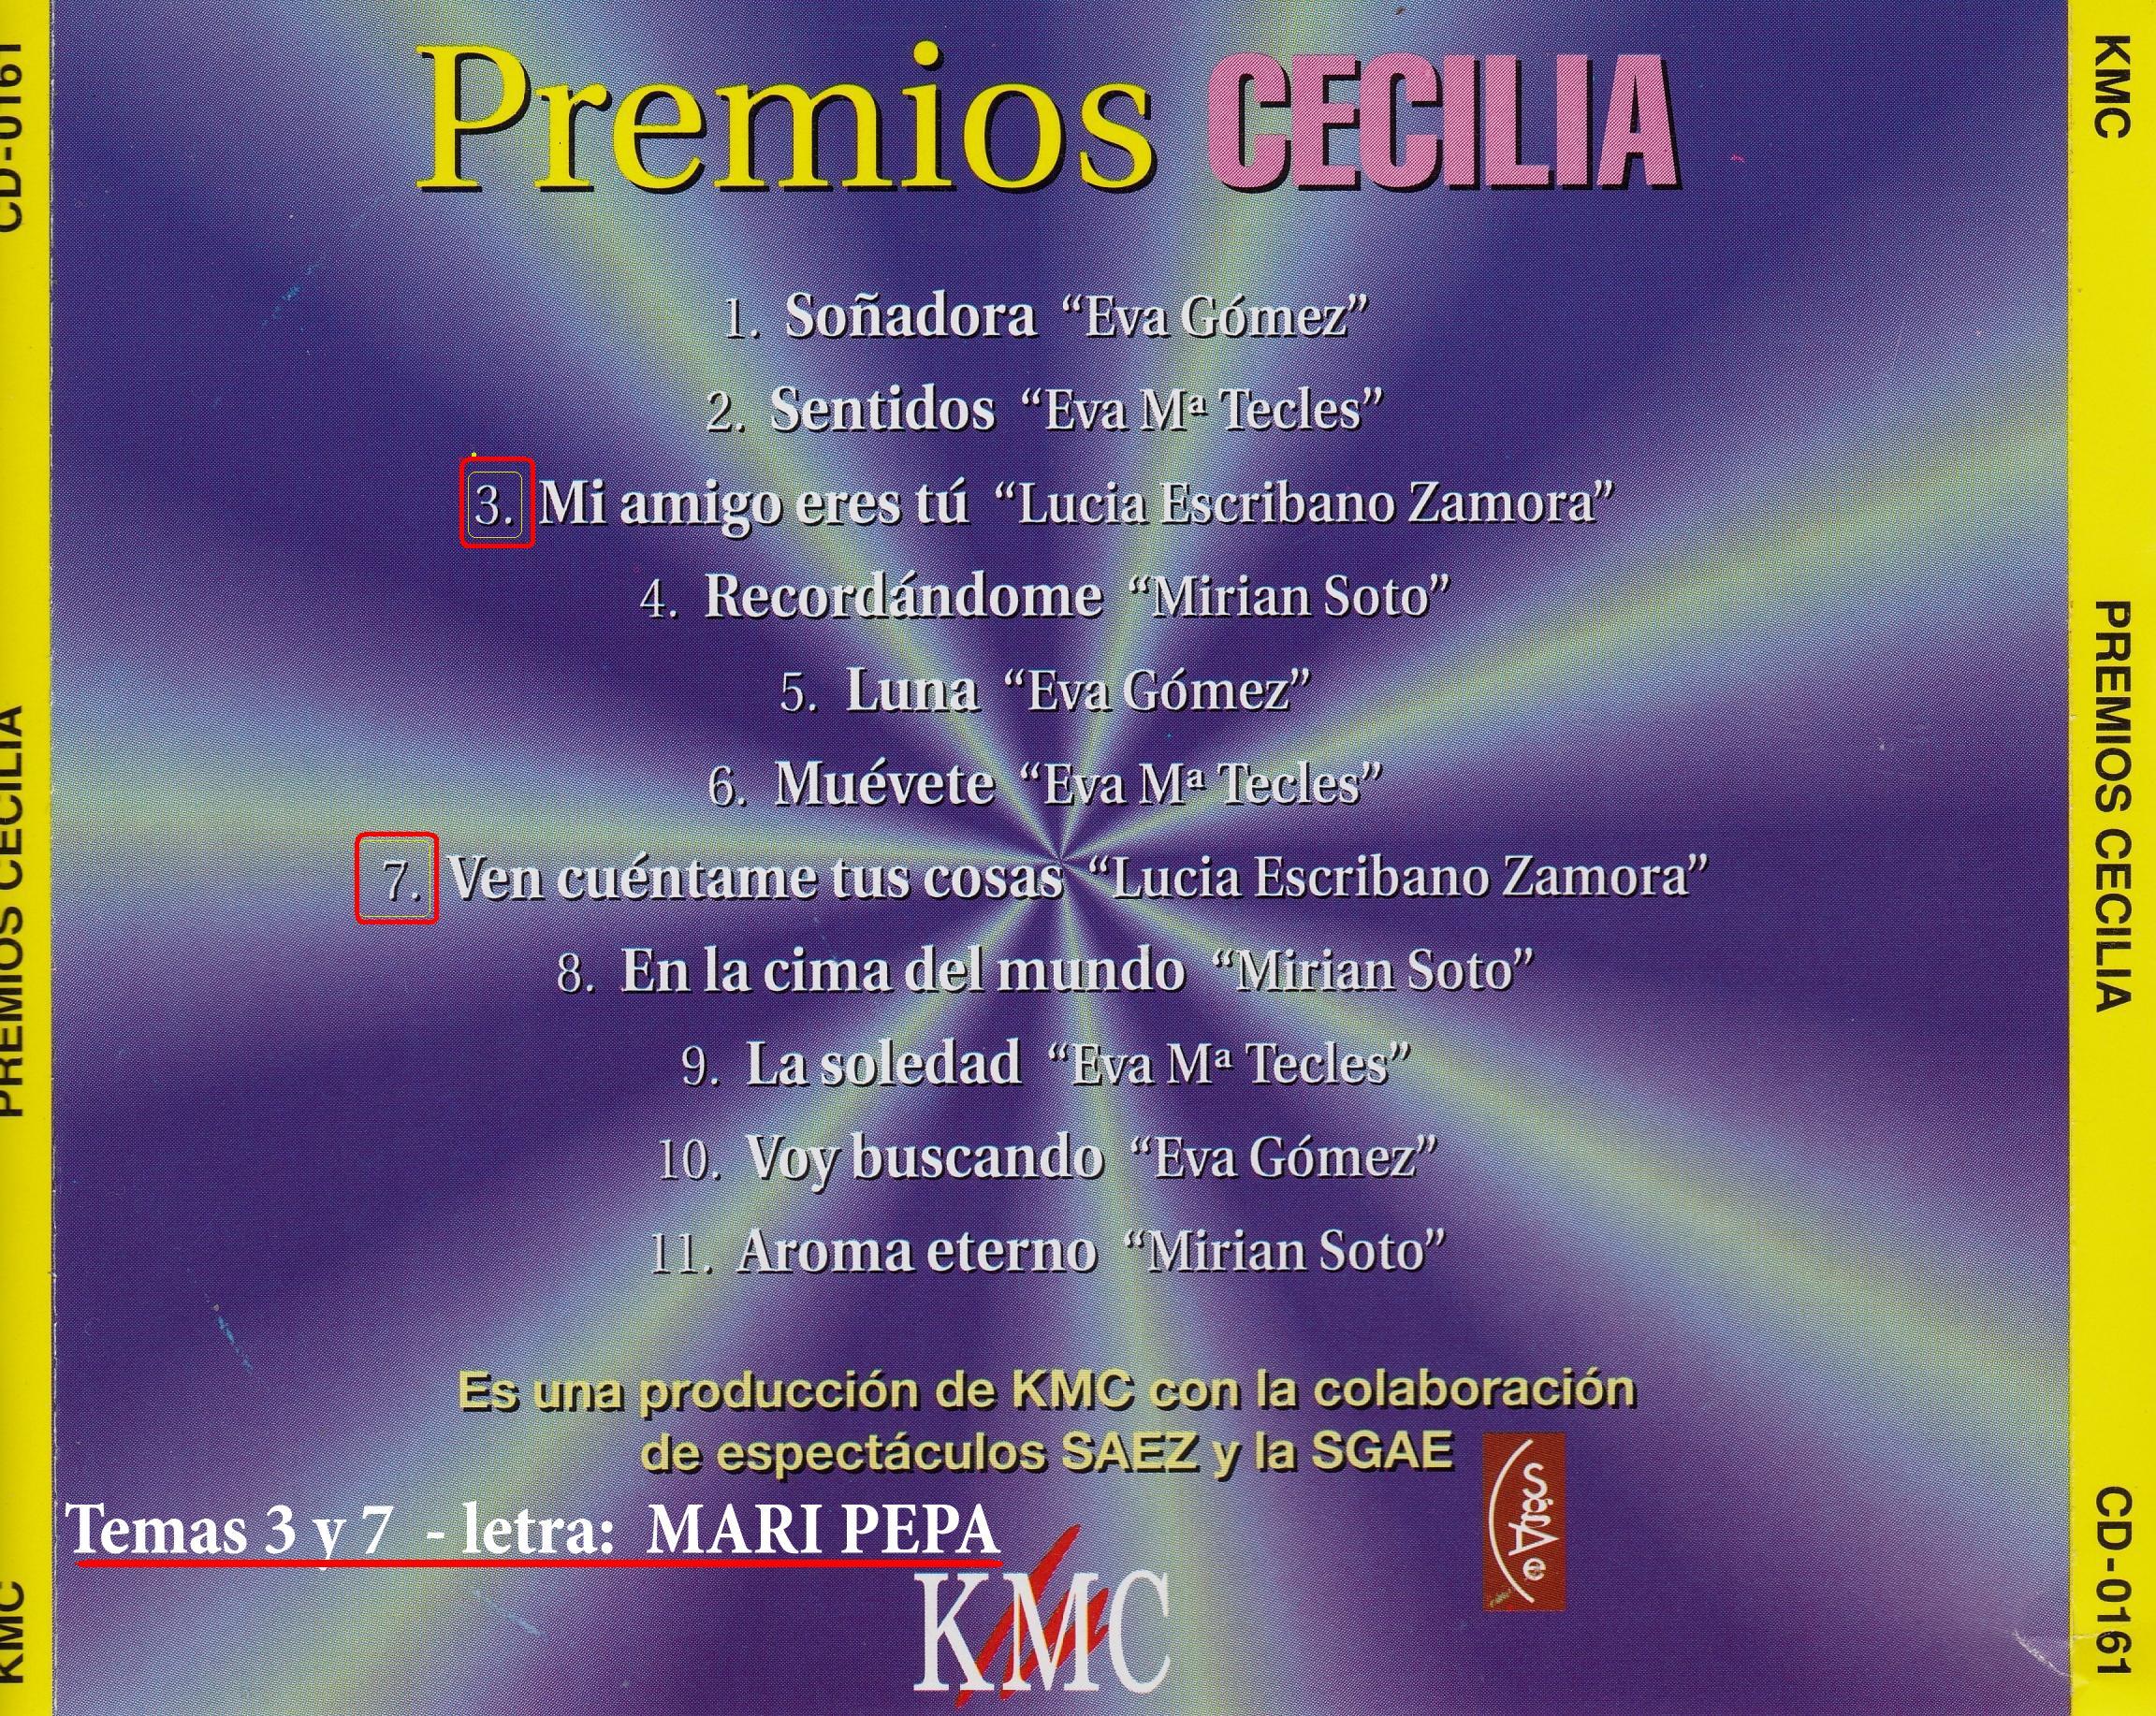 Premios Cecilia